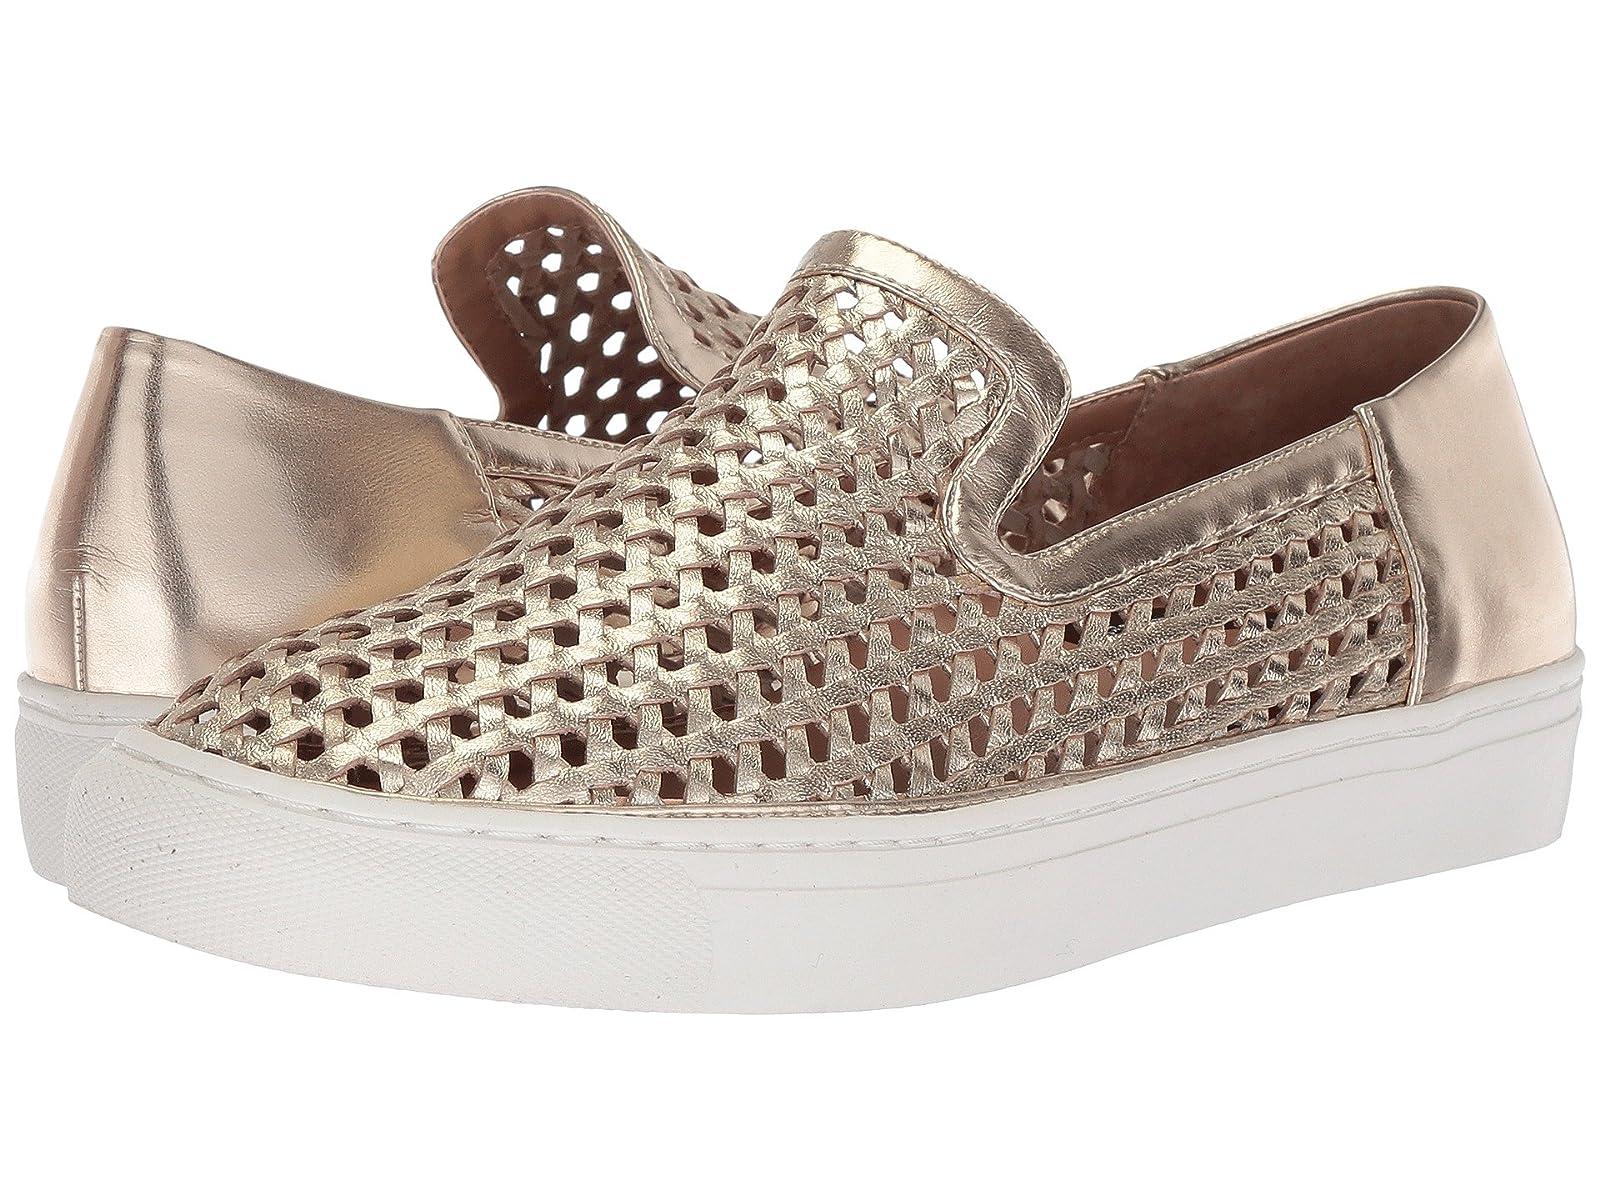 Steven KeatsCheap and distinctive eye-catching shoes